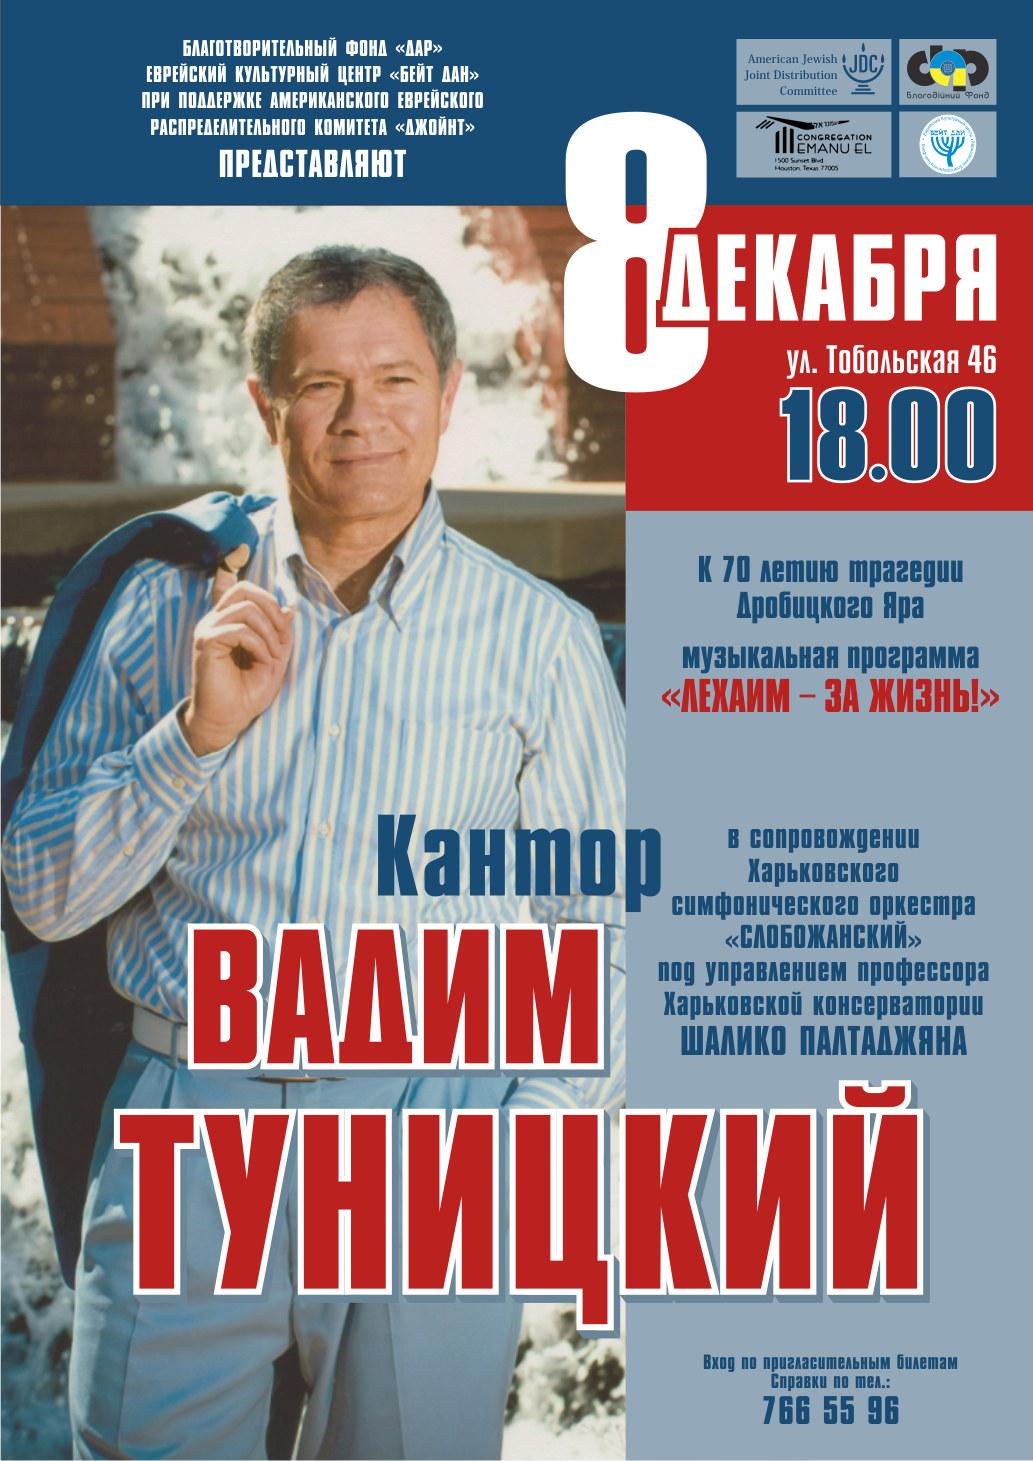 Лехаїм – За життя! Кантор Вадим Туницькій знов у Харкові.